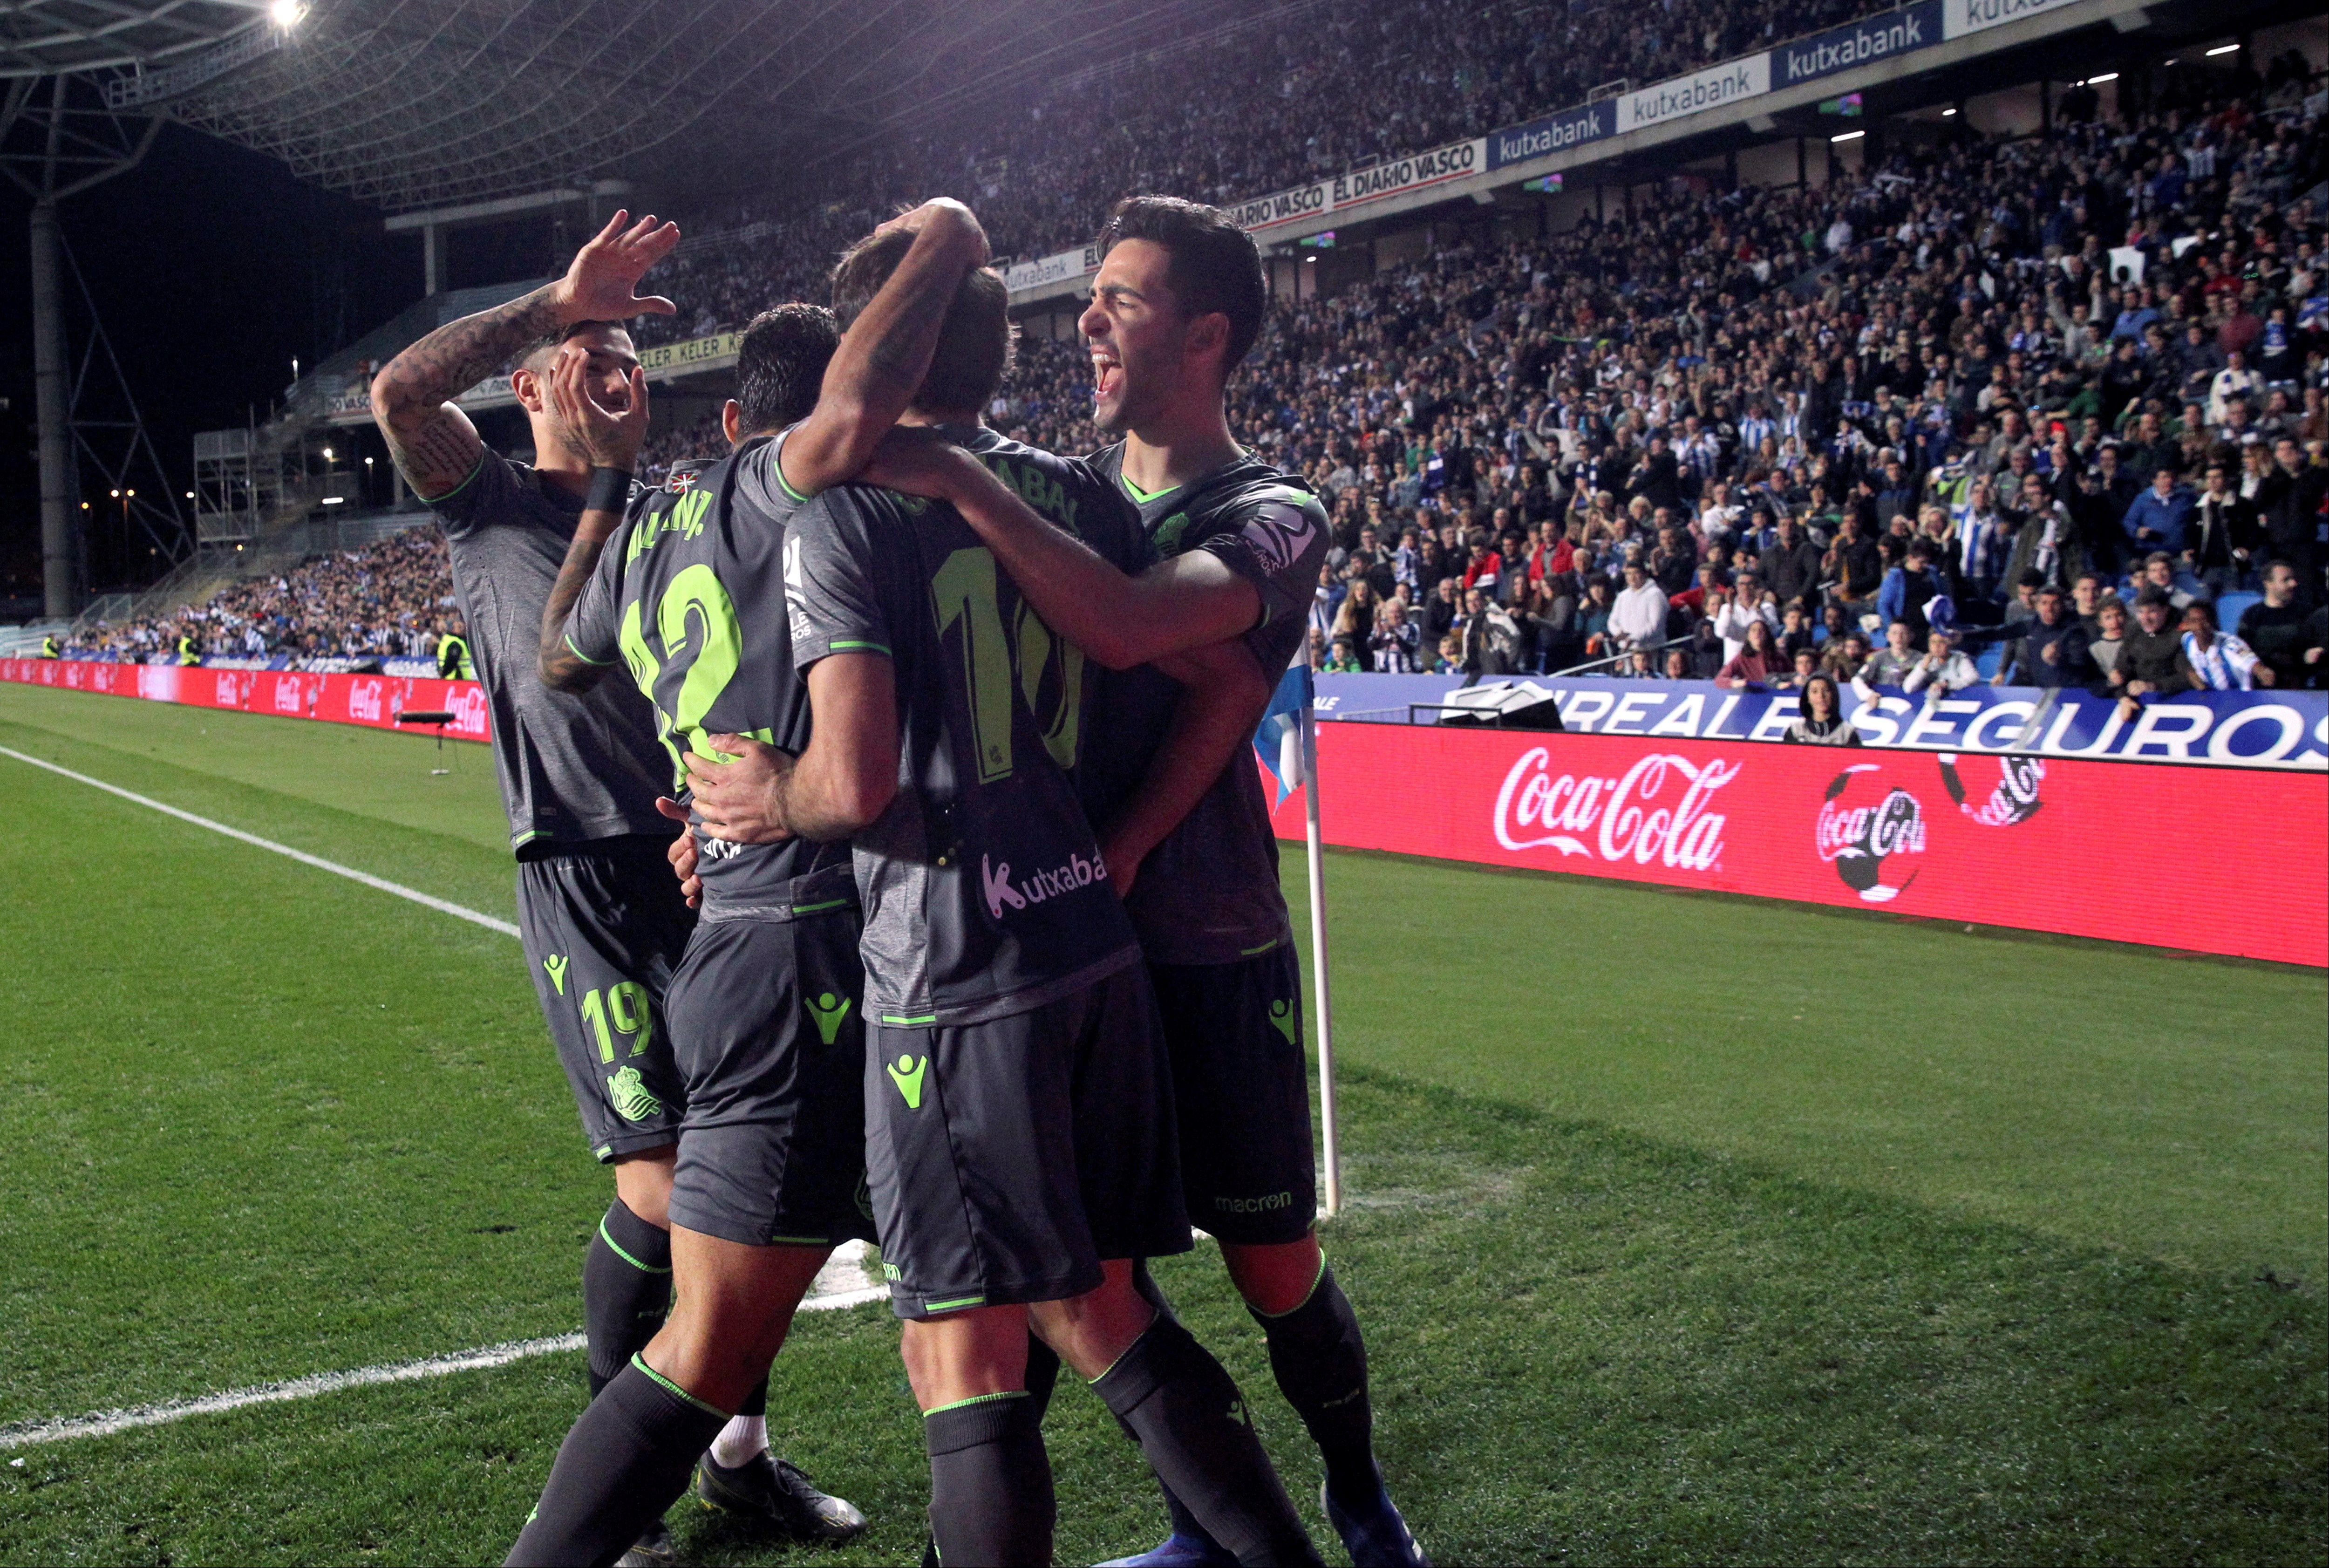 En fotos: sin mexicanos en cancha, Real Sociedad derrotó 3-0 a Leganés en España